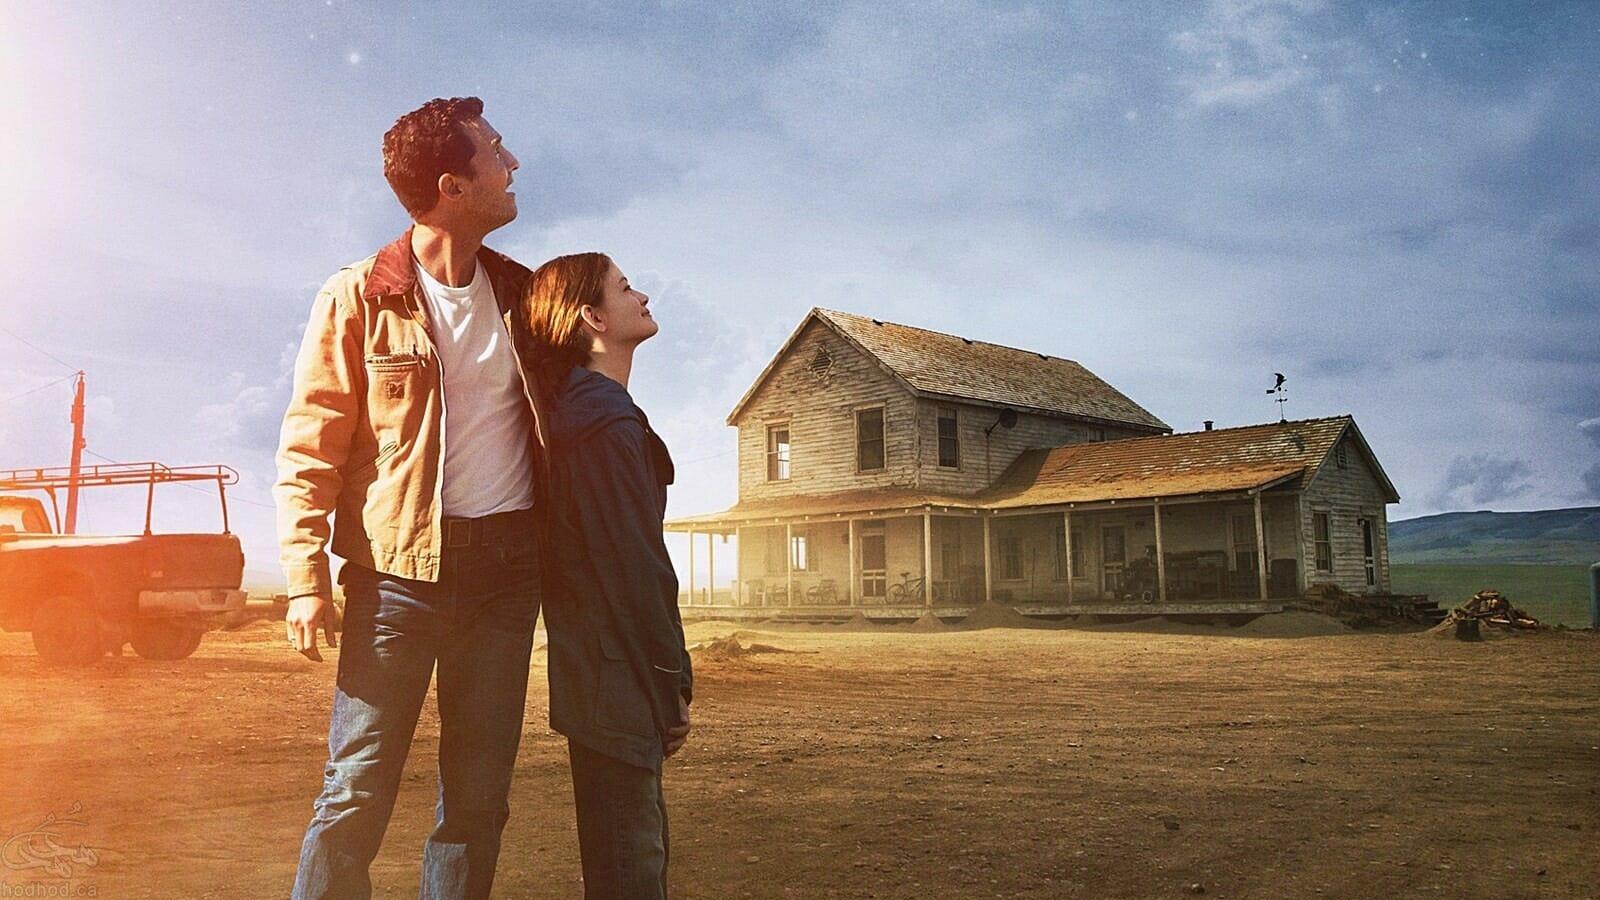 فیلم هفته: Interstellar، مرزی میان علم و احساسات عمیق انسانی